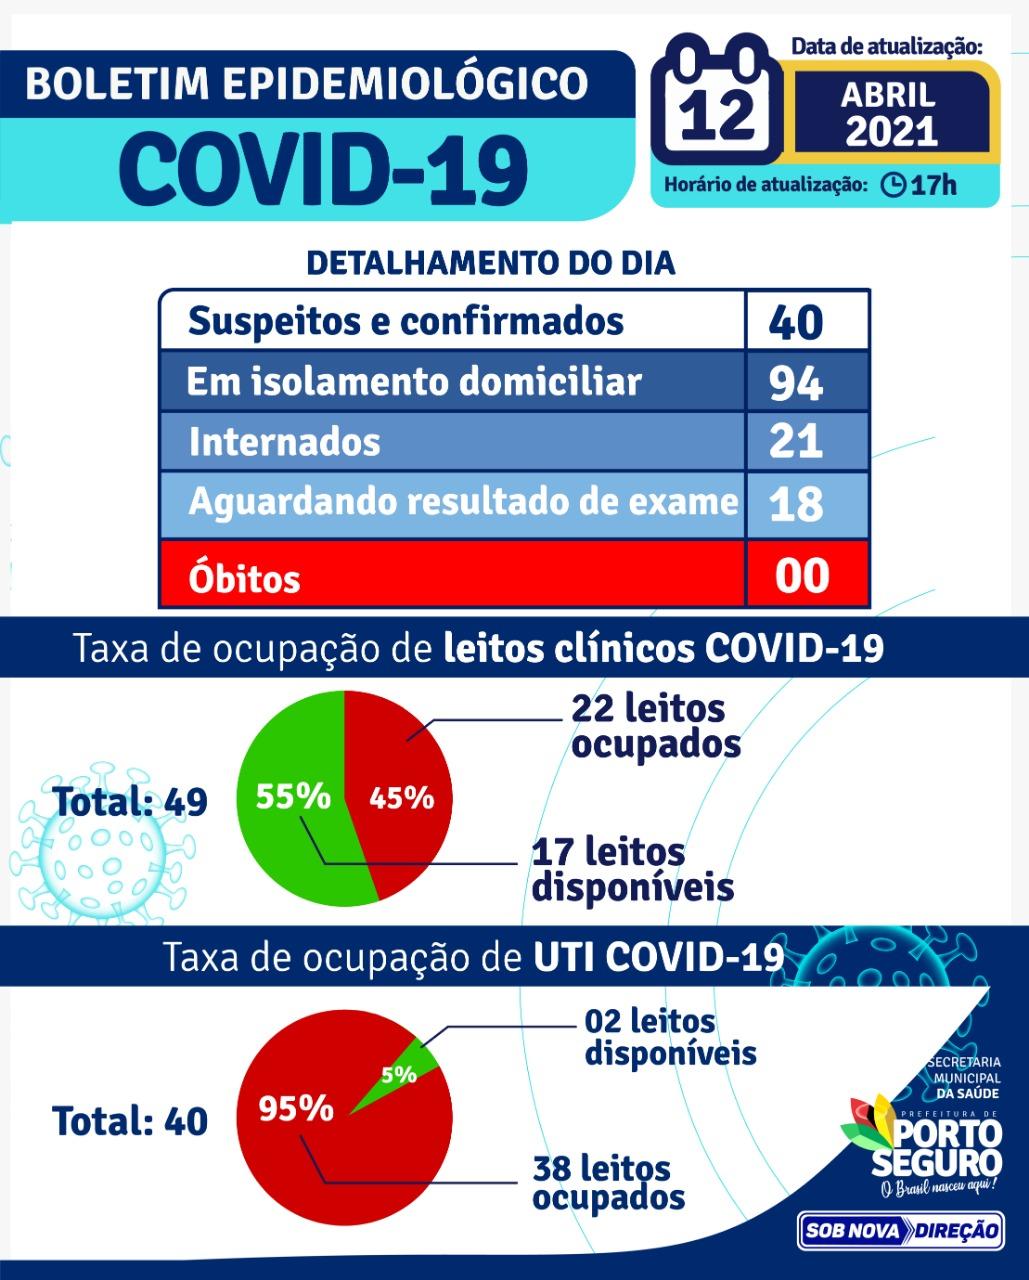 PORTO SEGURO: Boletim Coronavírus 12/abril 27